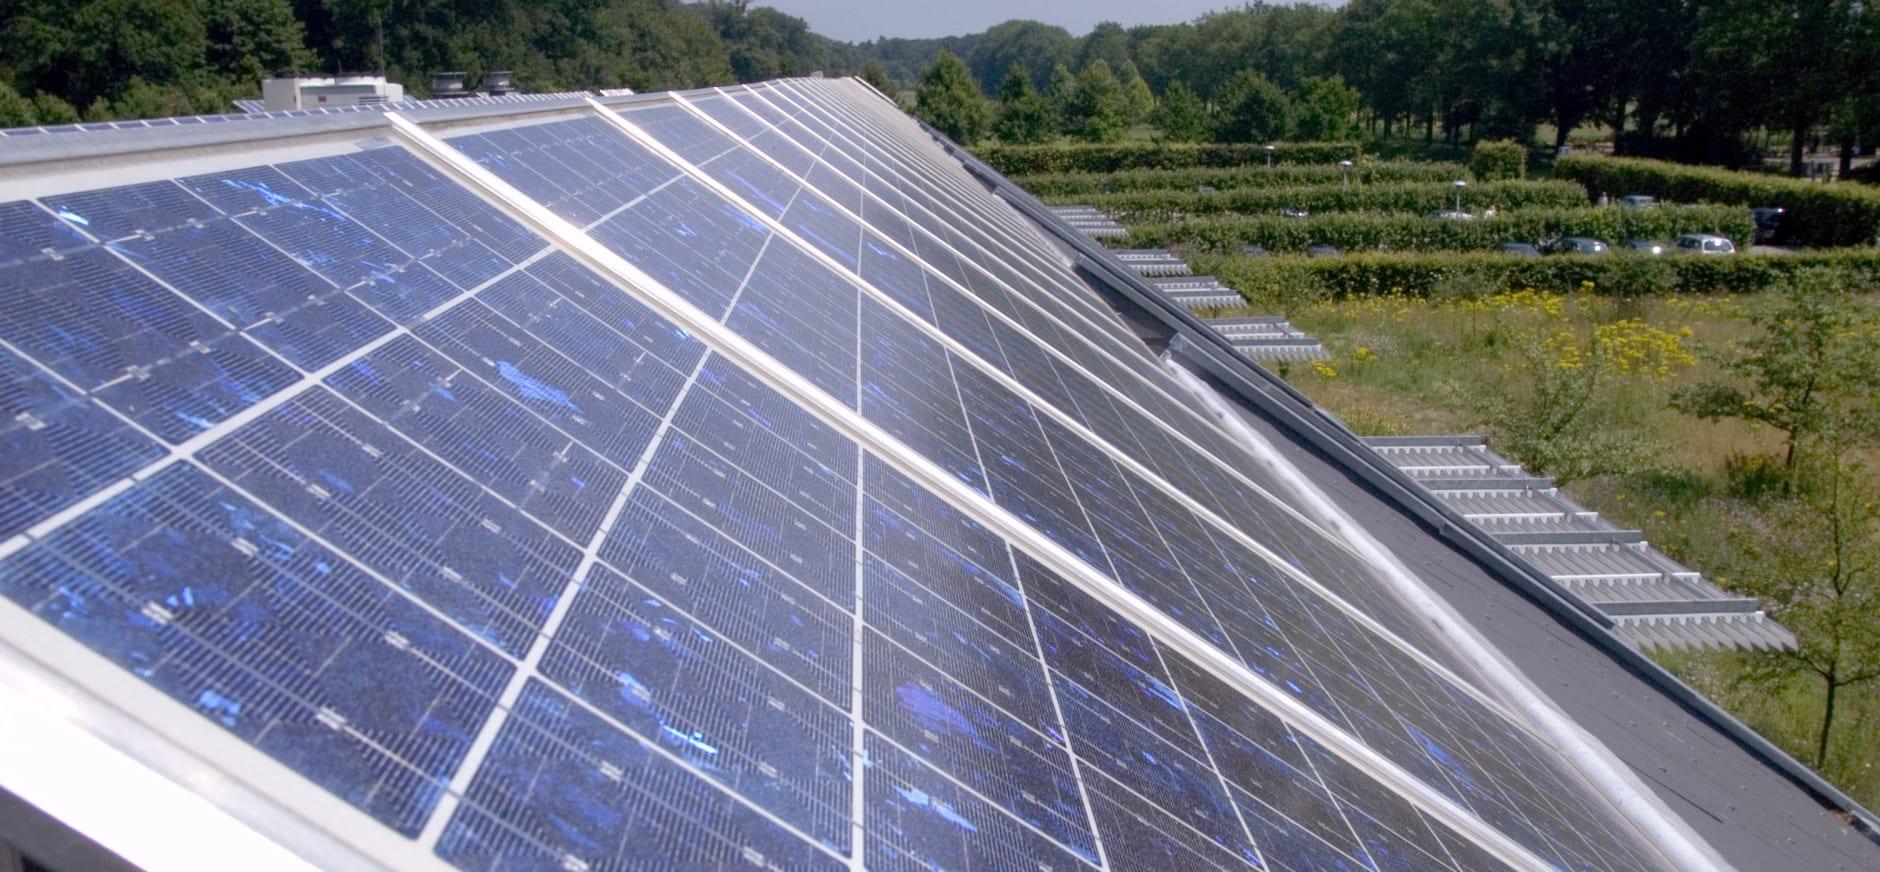 Zonnepanelen op landgoed Schaep en Burgh